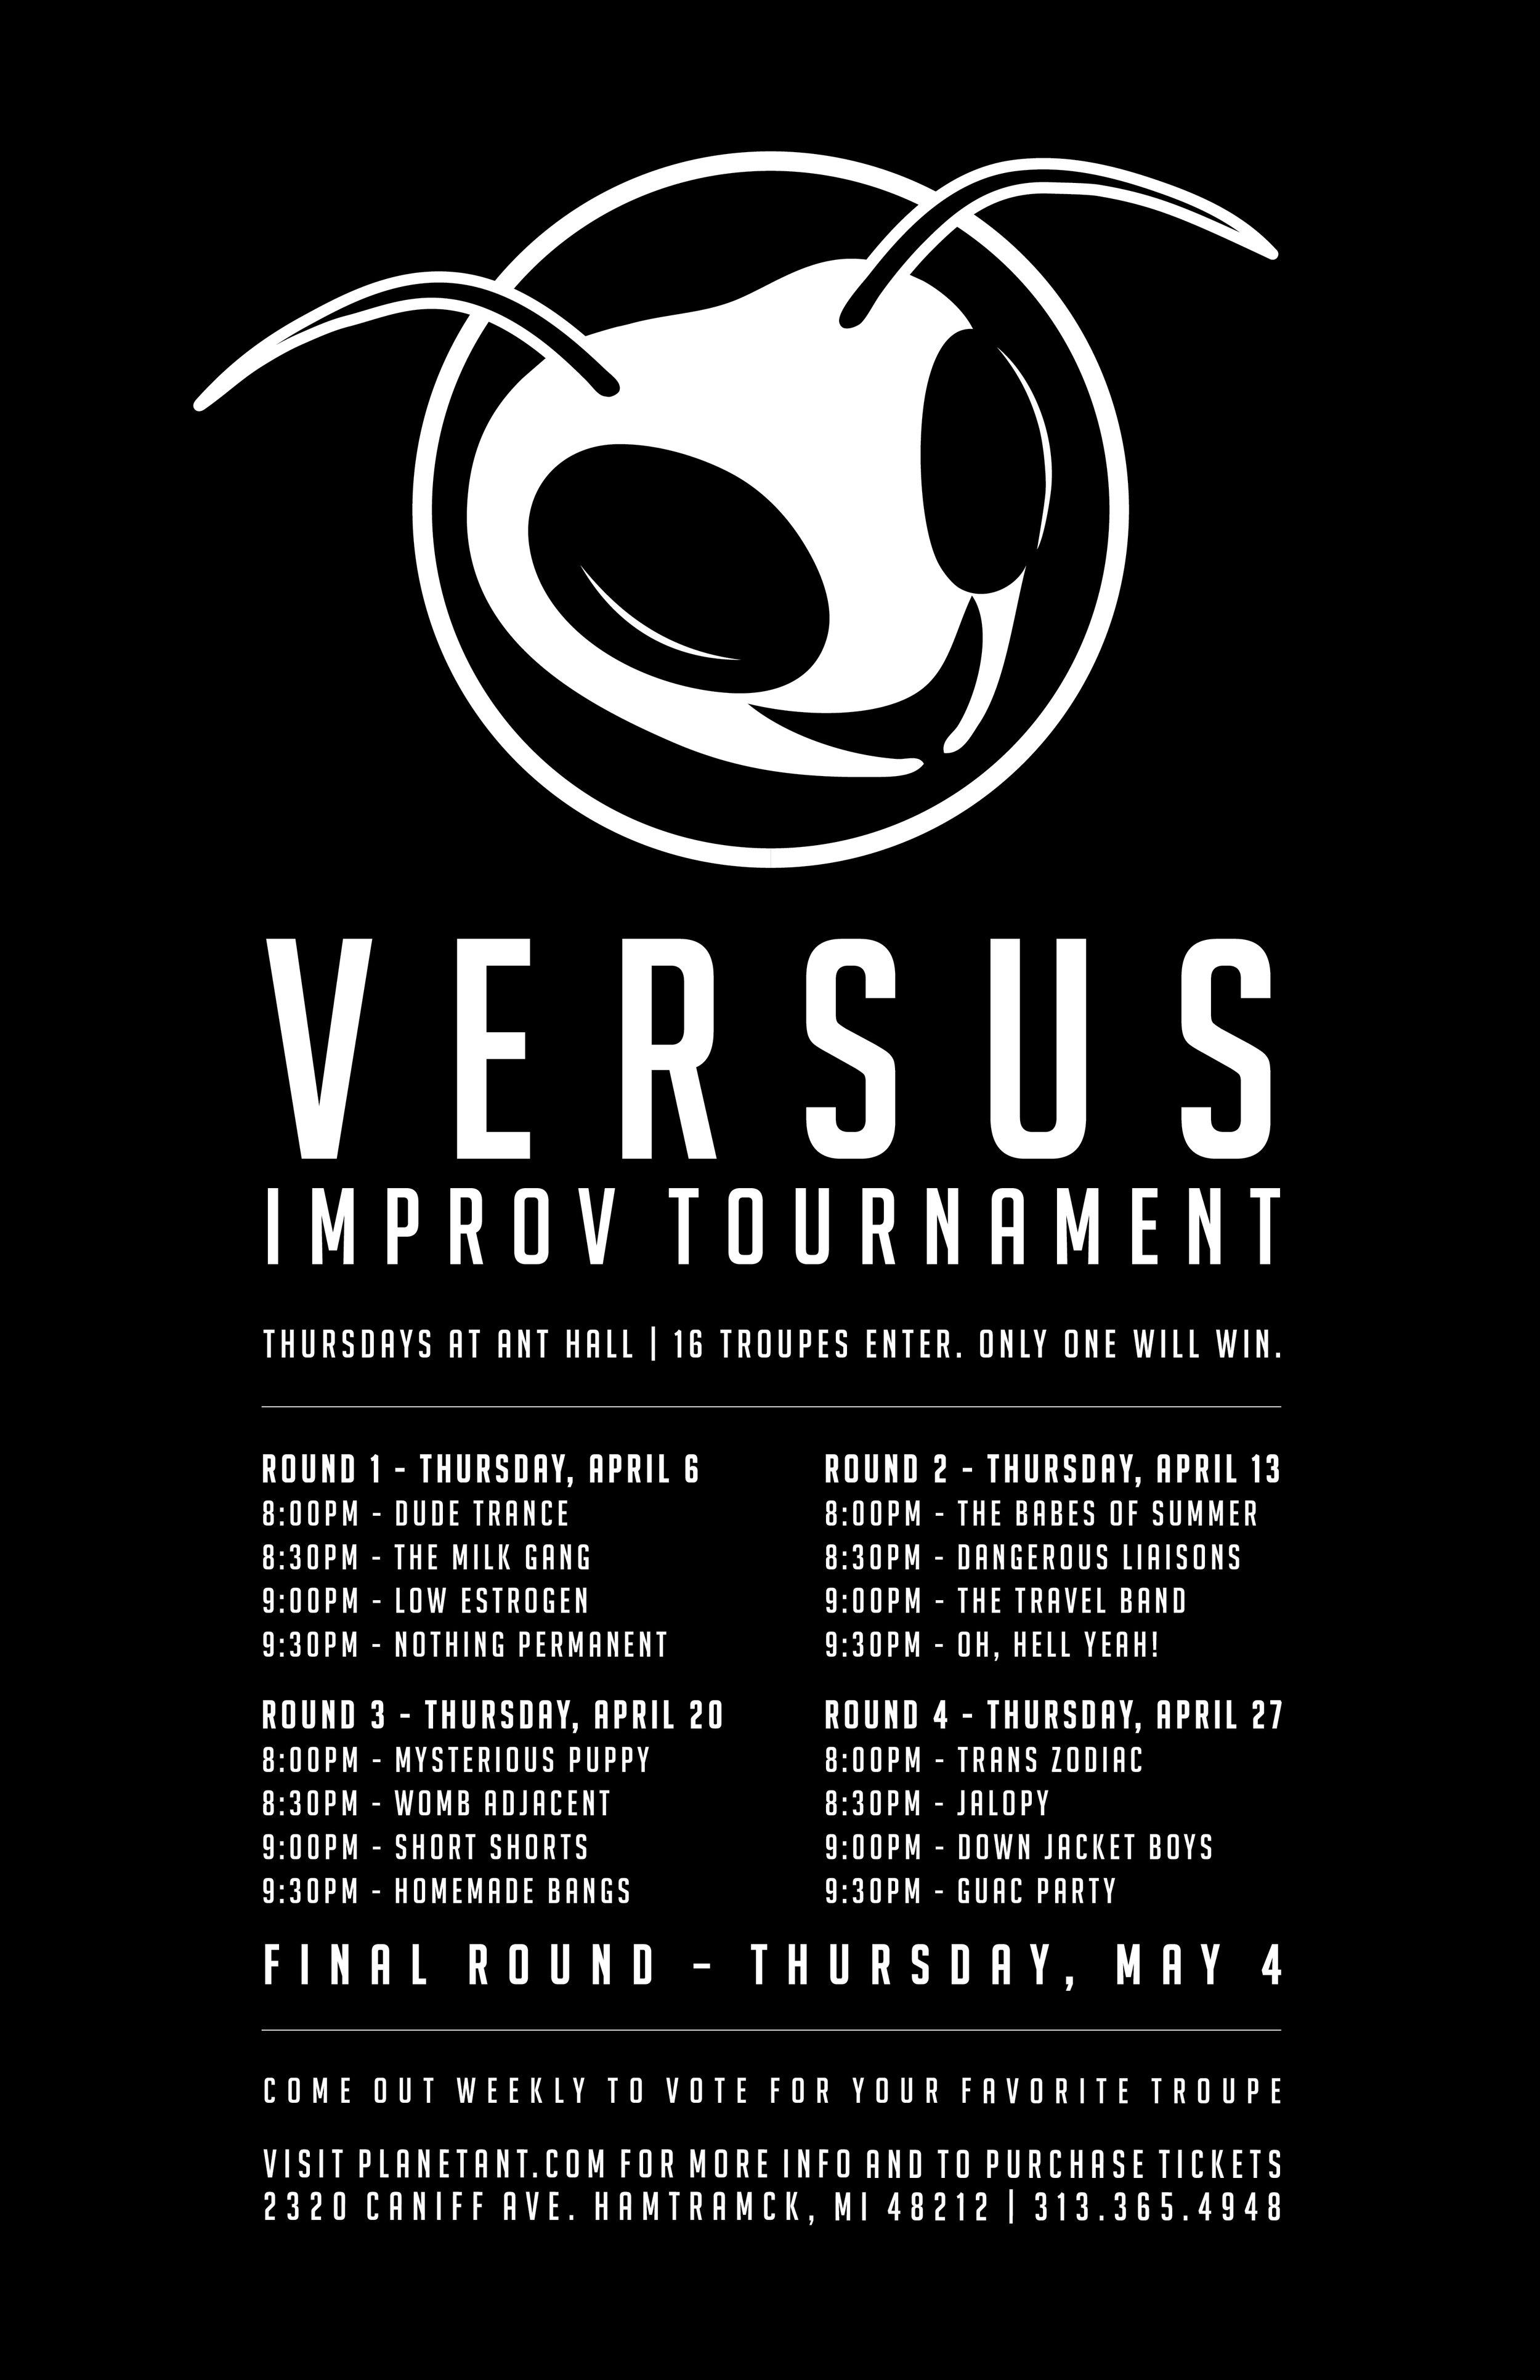 Versus Improv Tournament Poster